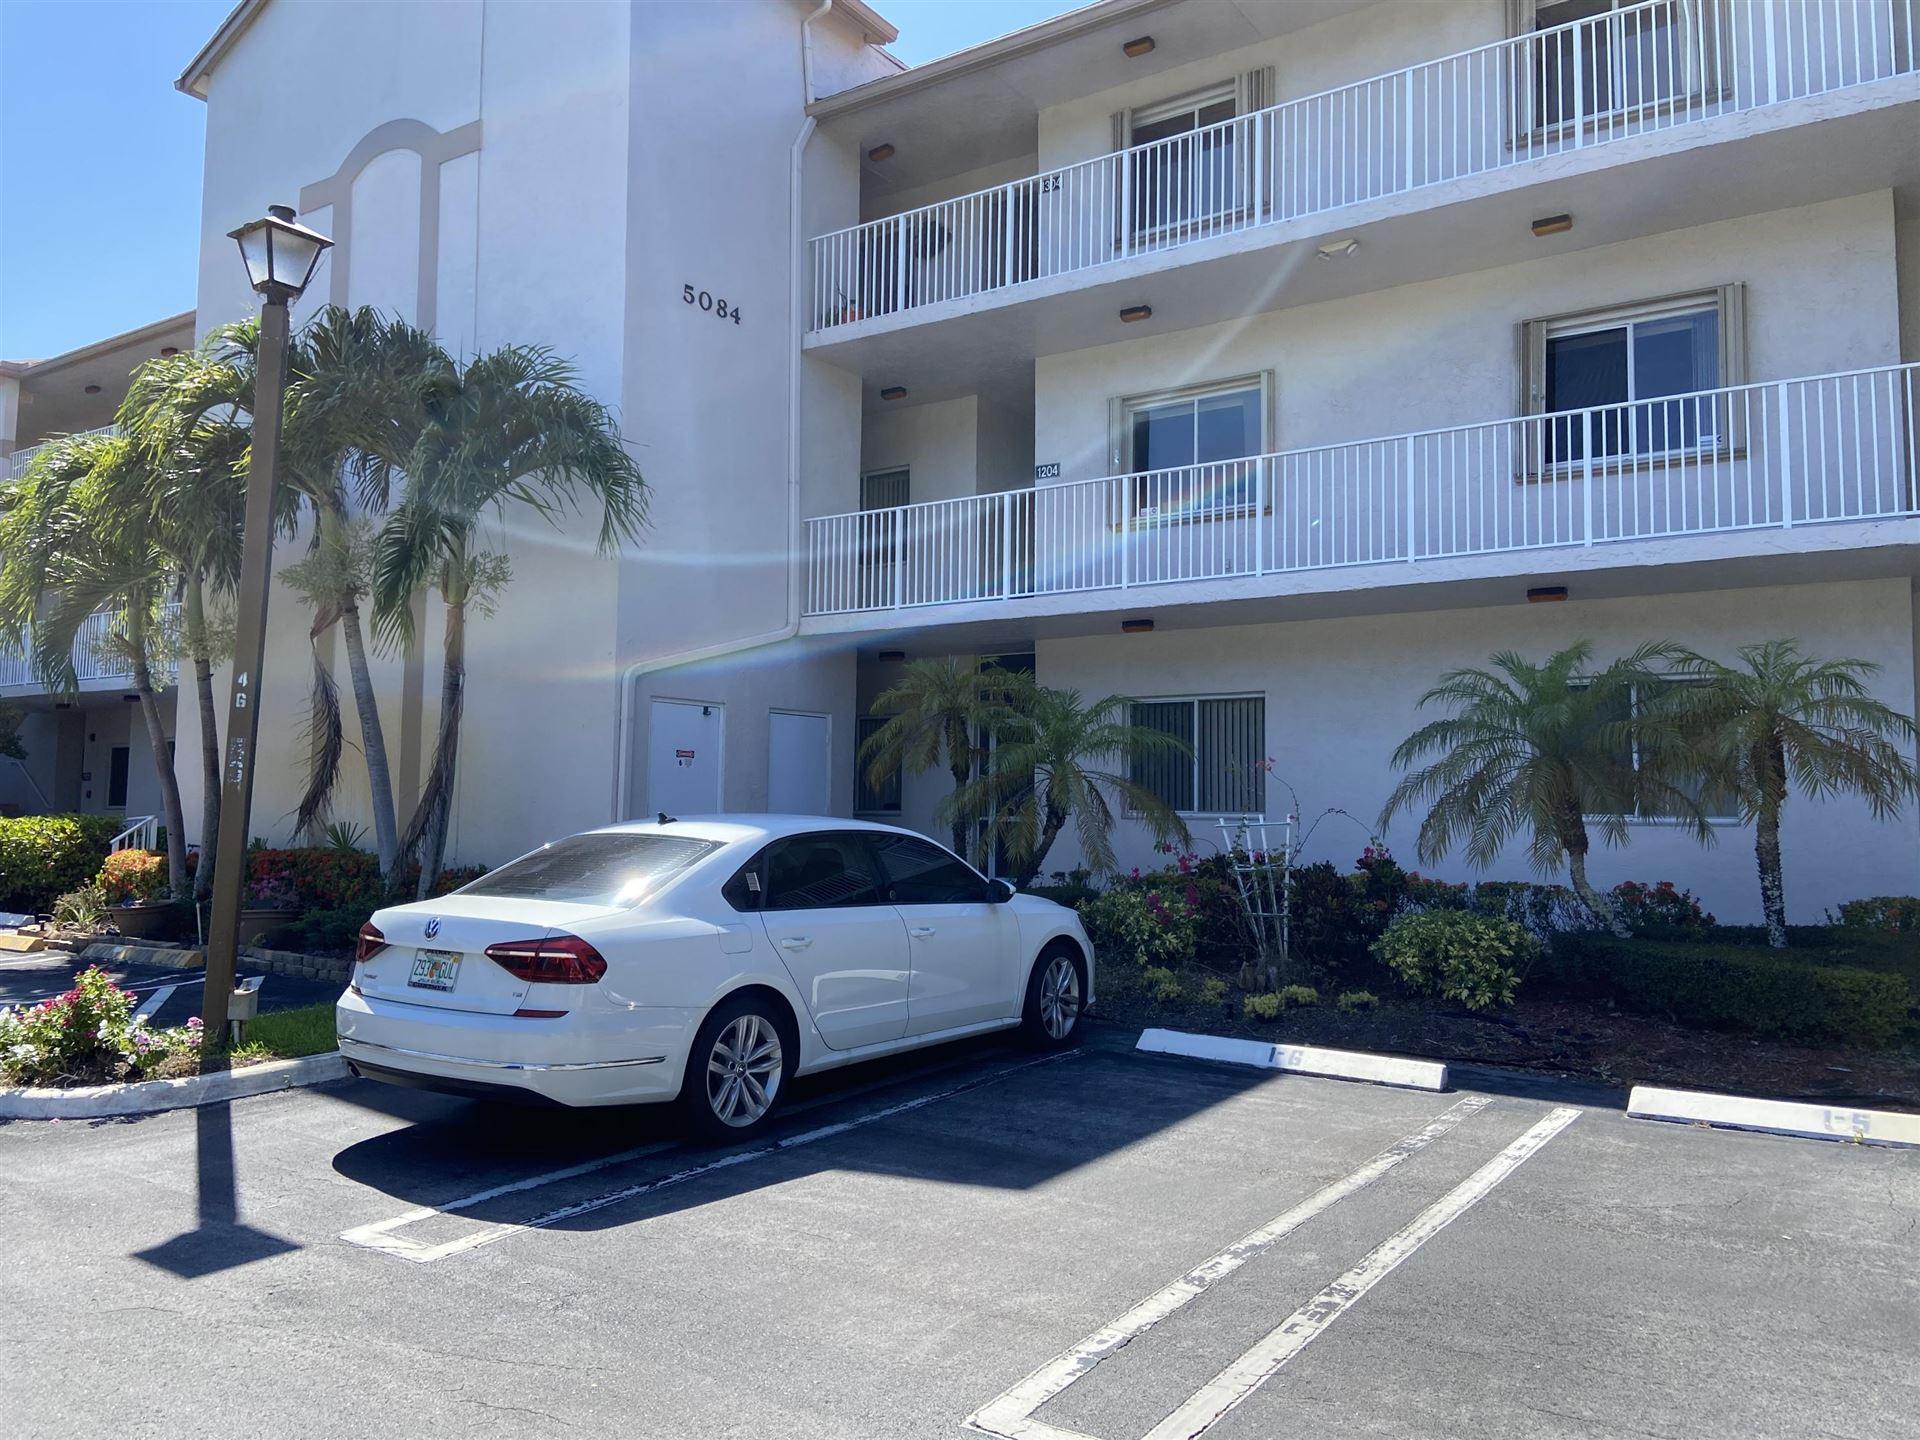 5084 Rose Hill Drive #1203, Boynton Beach, FL 33437 - #: RX-10676463